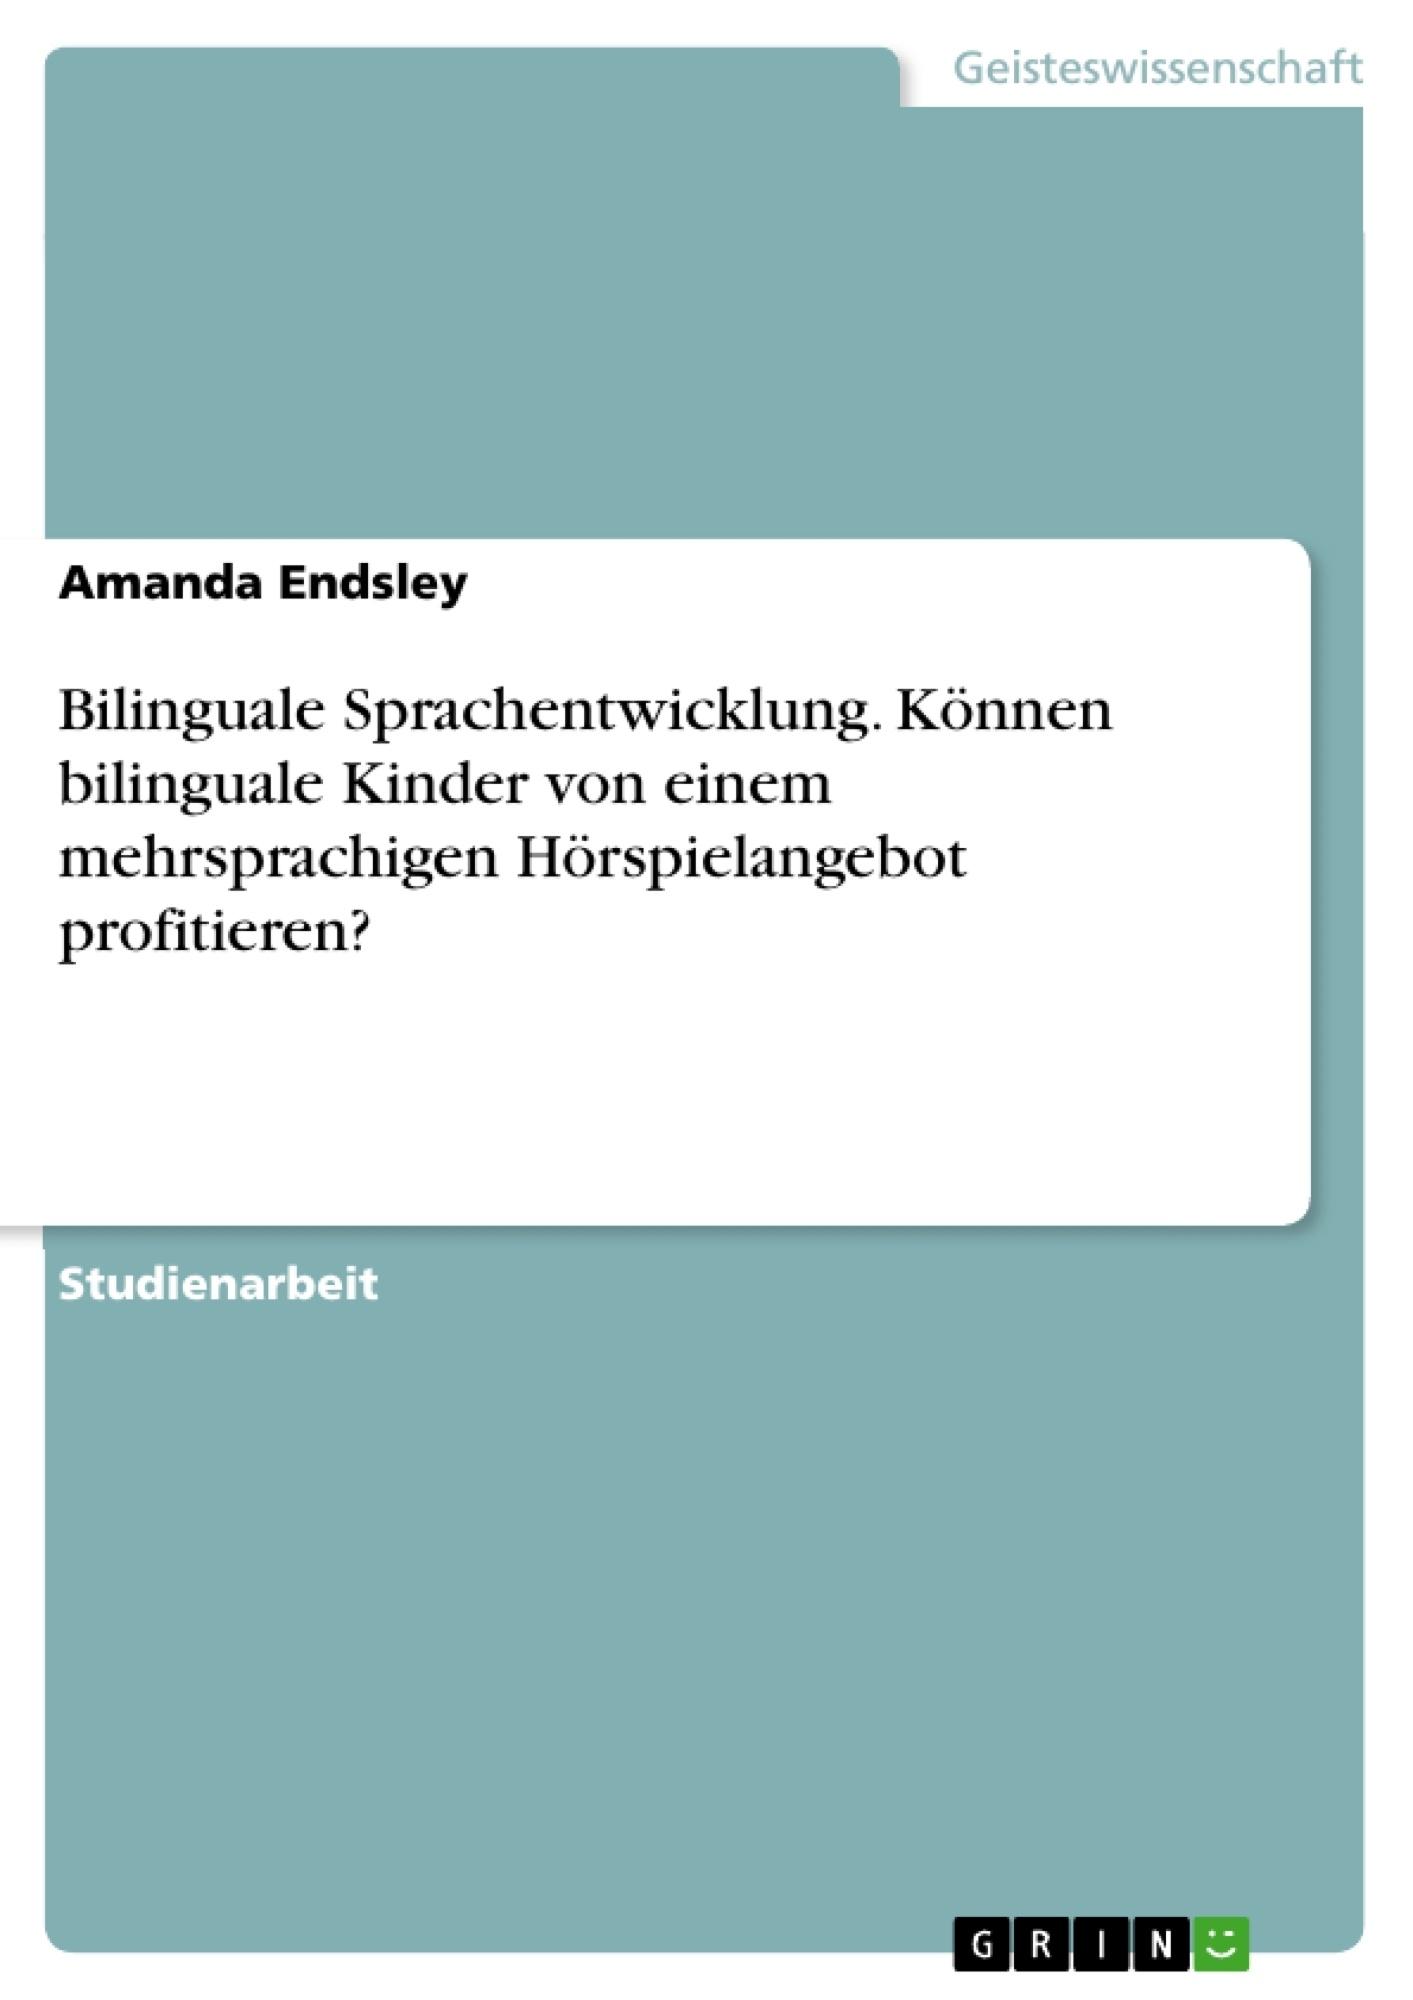 Titel: Bilinguale Sprachentwicklung. Können bilinguale Kinder von einem mehrsprachigen Hörspielangebot profitieren?